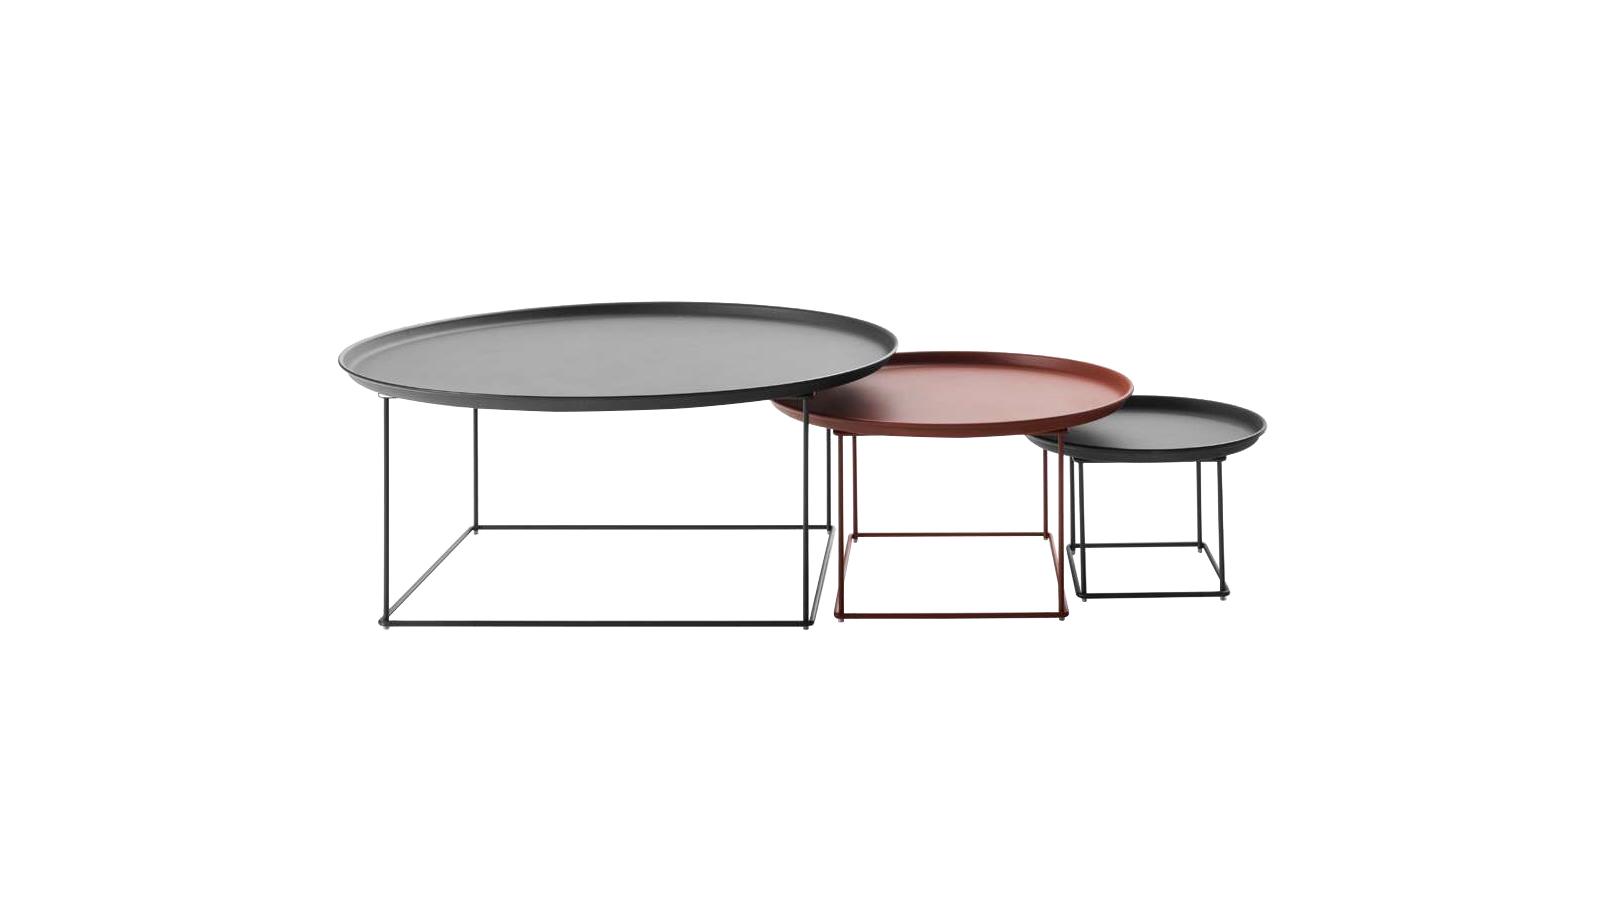 Ezeket a kisasztalokat, melyeknek beltéri változata is kapható, a lábra állítható tálcák ihlették. Tervezőjük, Patricia Urquiola szándékosan ilyen vékony, könnyed lábszerkezetet álmodott meg hozzájuk, melyeknek köszönhetően az asztallapok lebegni látszanak a térben. A Fat-Fat többféle színben és anyagkombinációban elérhető.